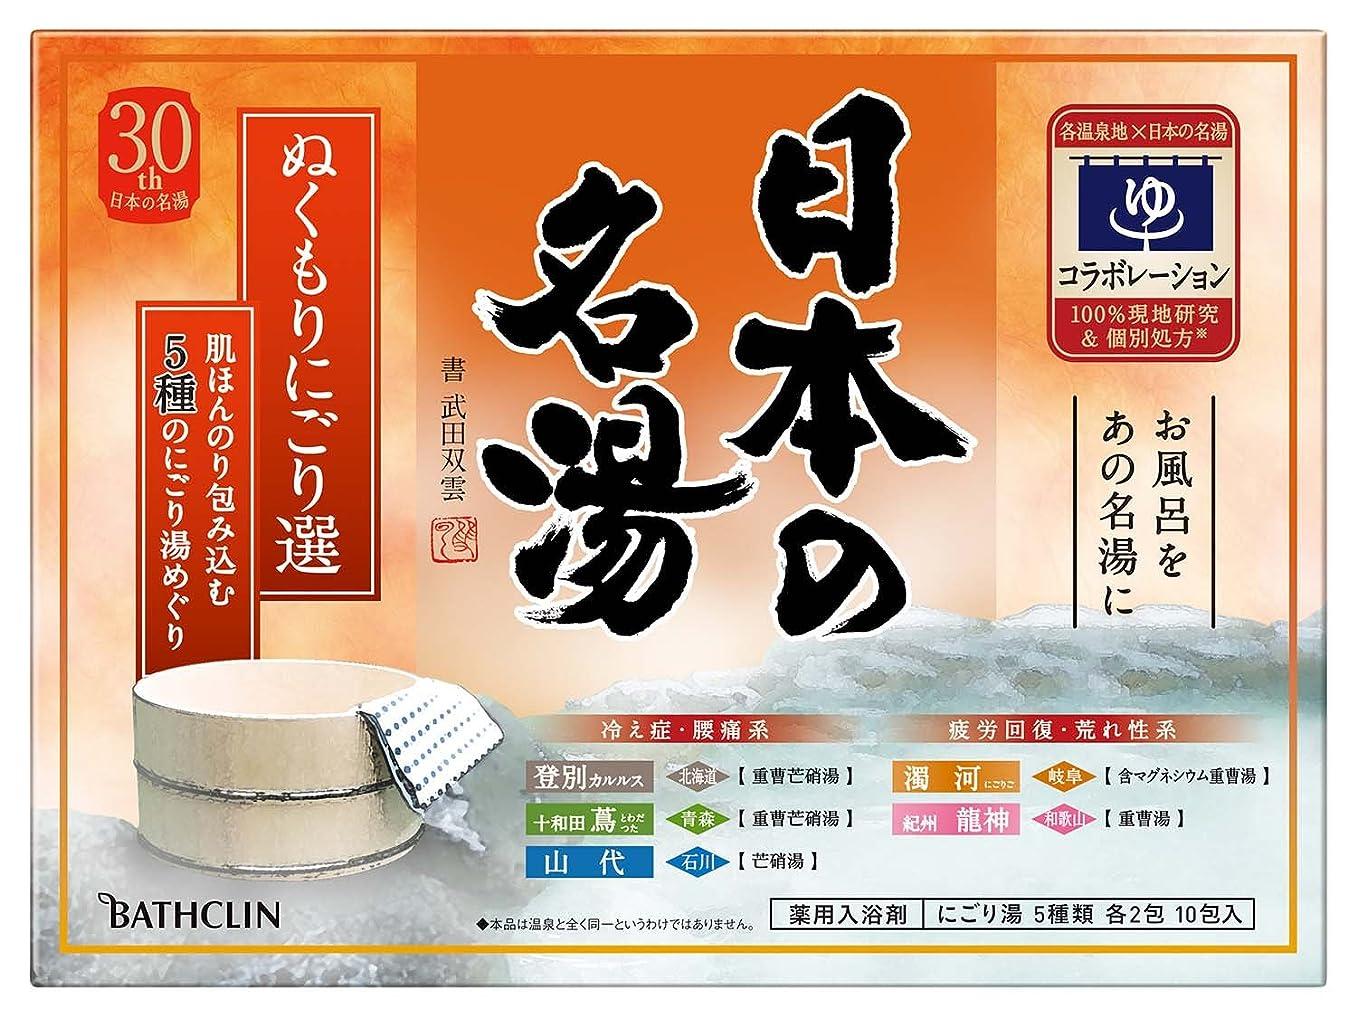 ファブリック教育者通知する日本の名湯 ぬくもりにごり選 30g 10包入り 入浴剤 (医薬部外品)